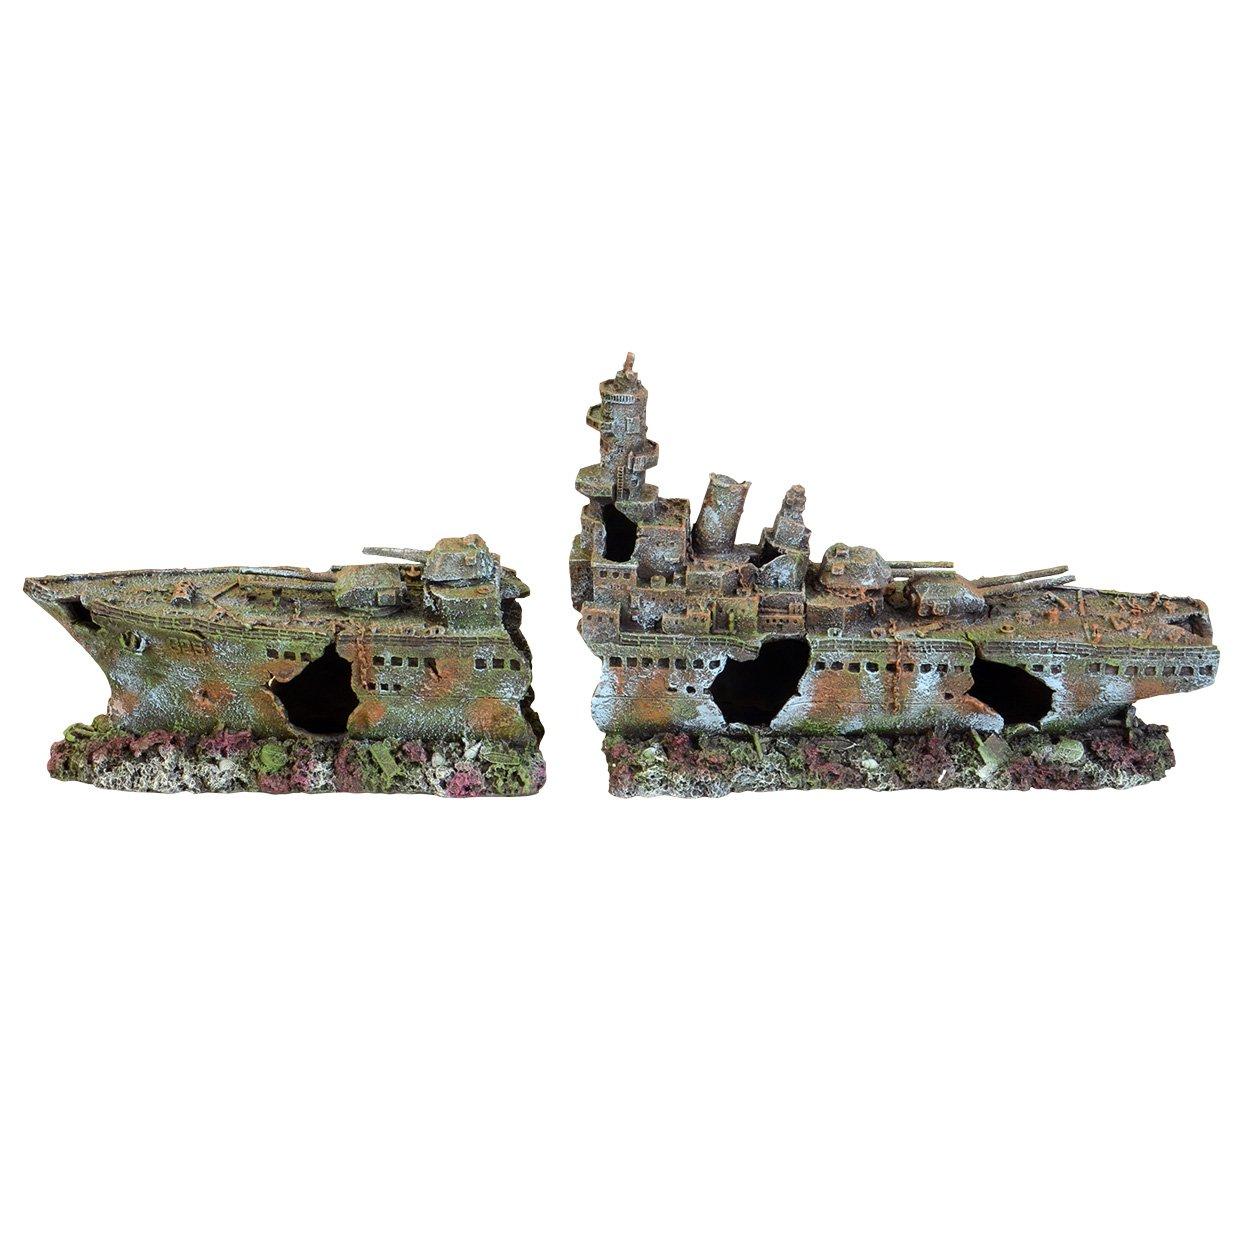 Underwater Treasures 65236 Battleship Ruins Aquarium Ornament 2 Piece